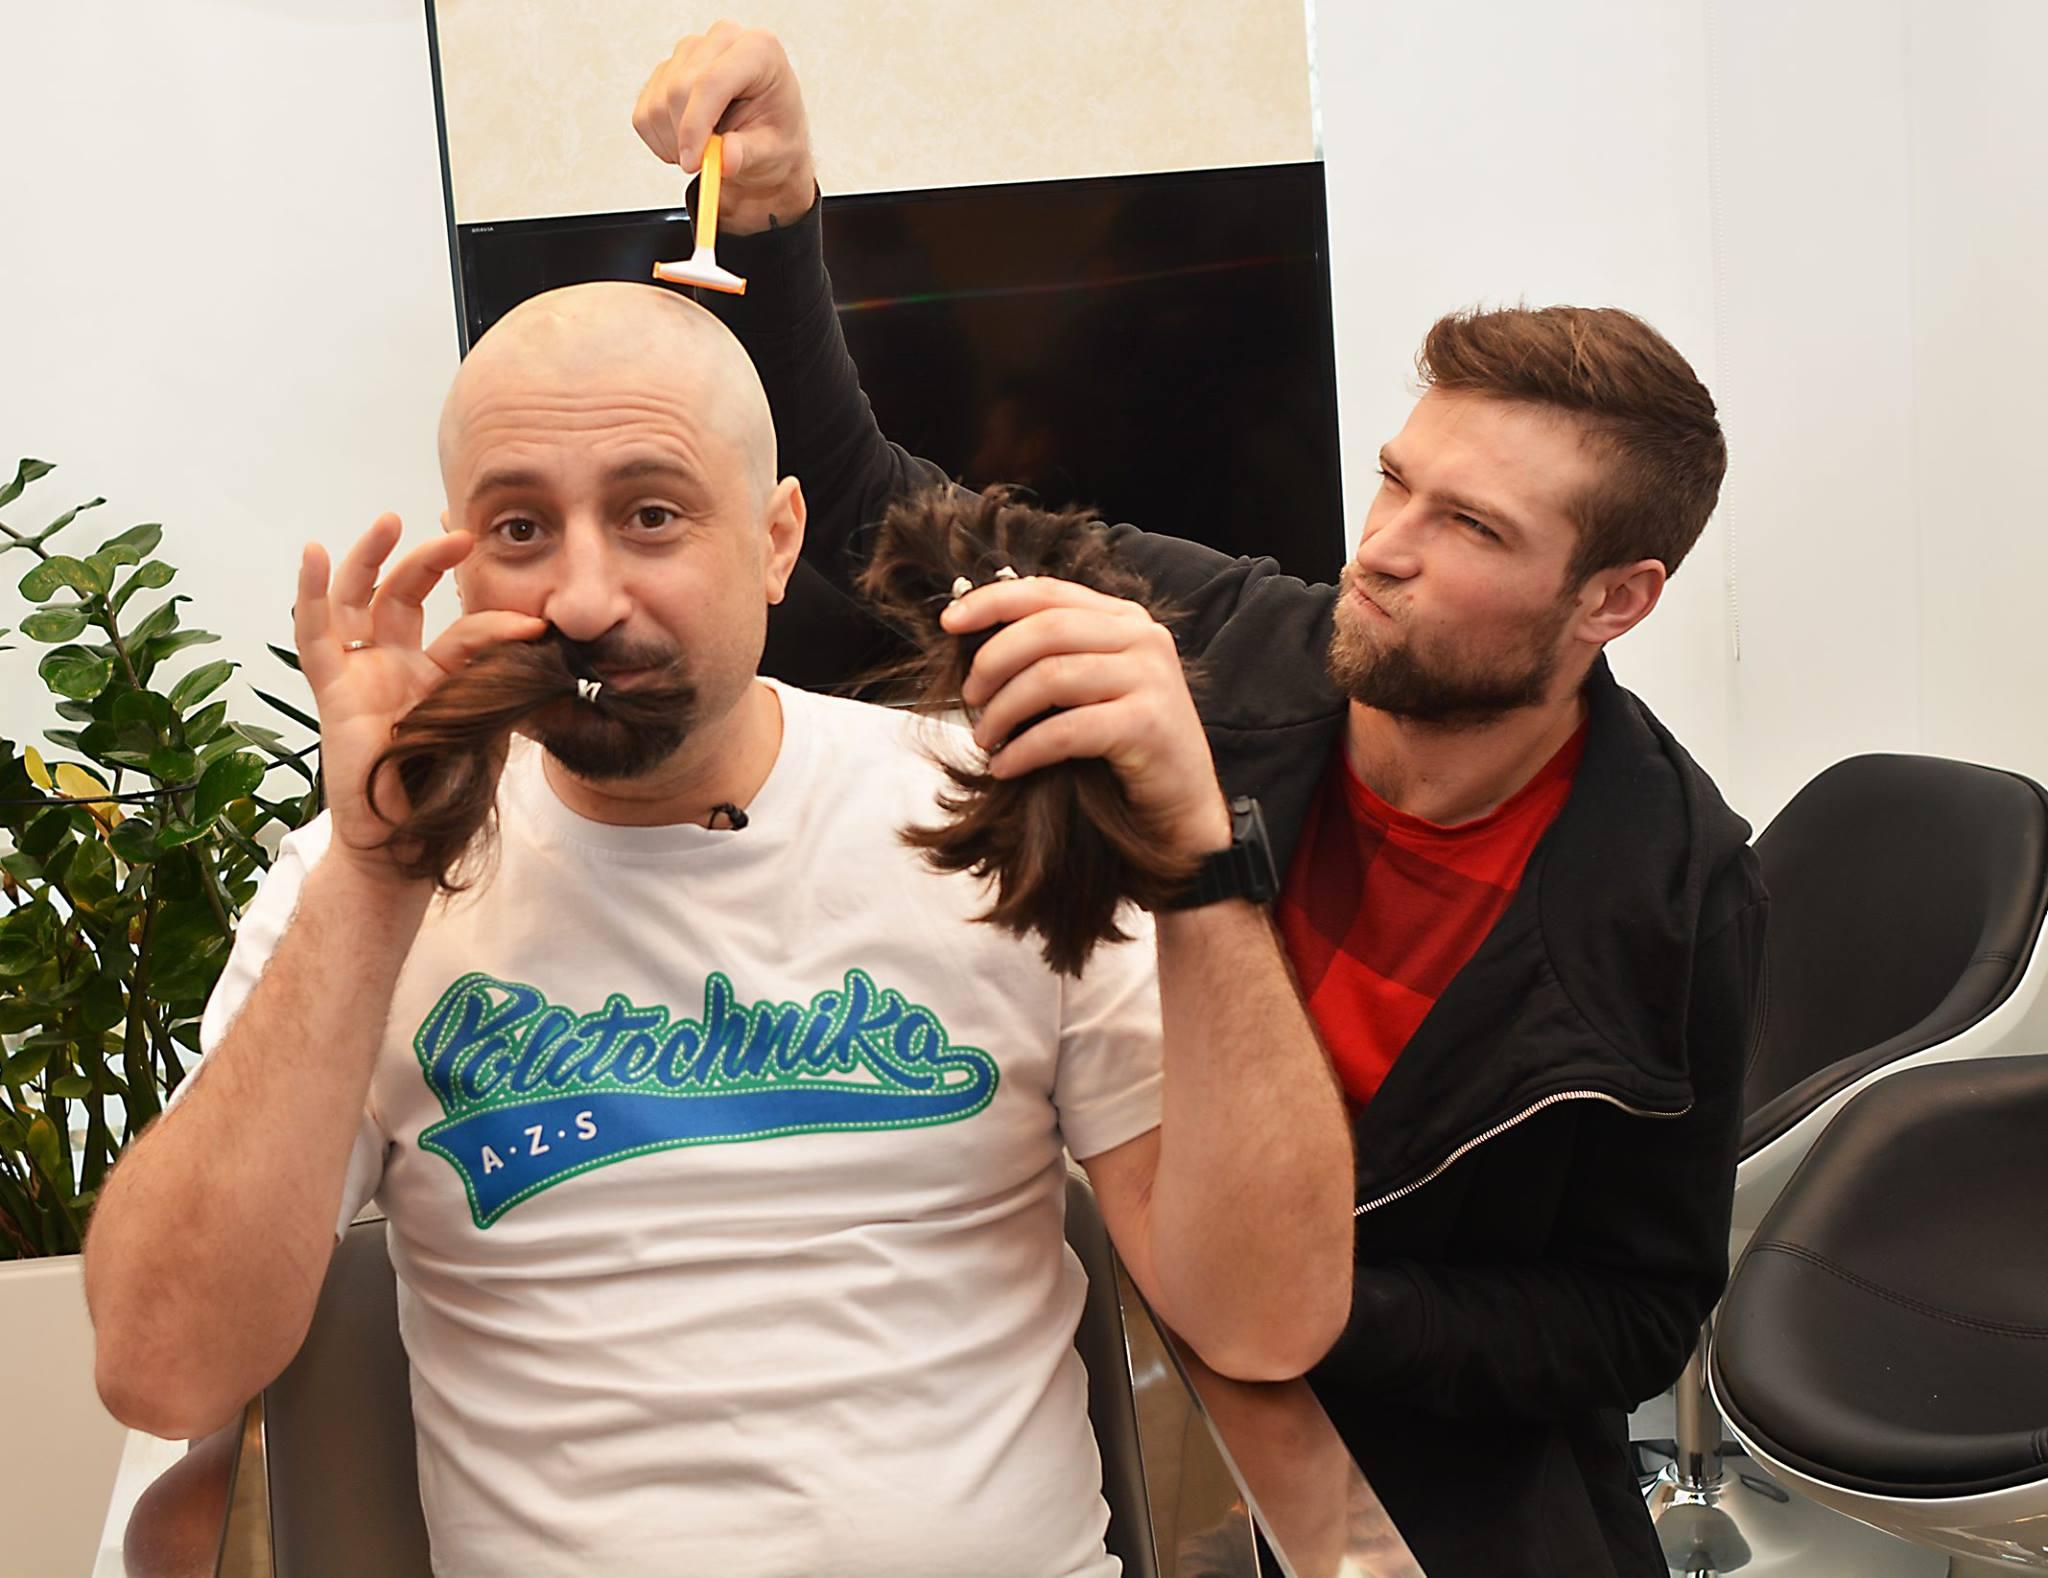 Trener Onico AZS Politechnika Warszawska obciął włosy- Podziel Się Dzieciństwem